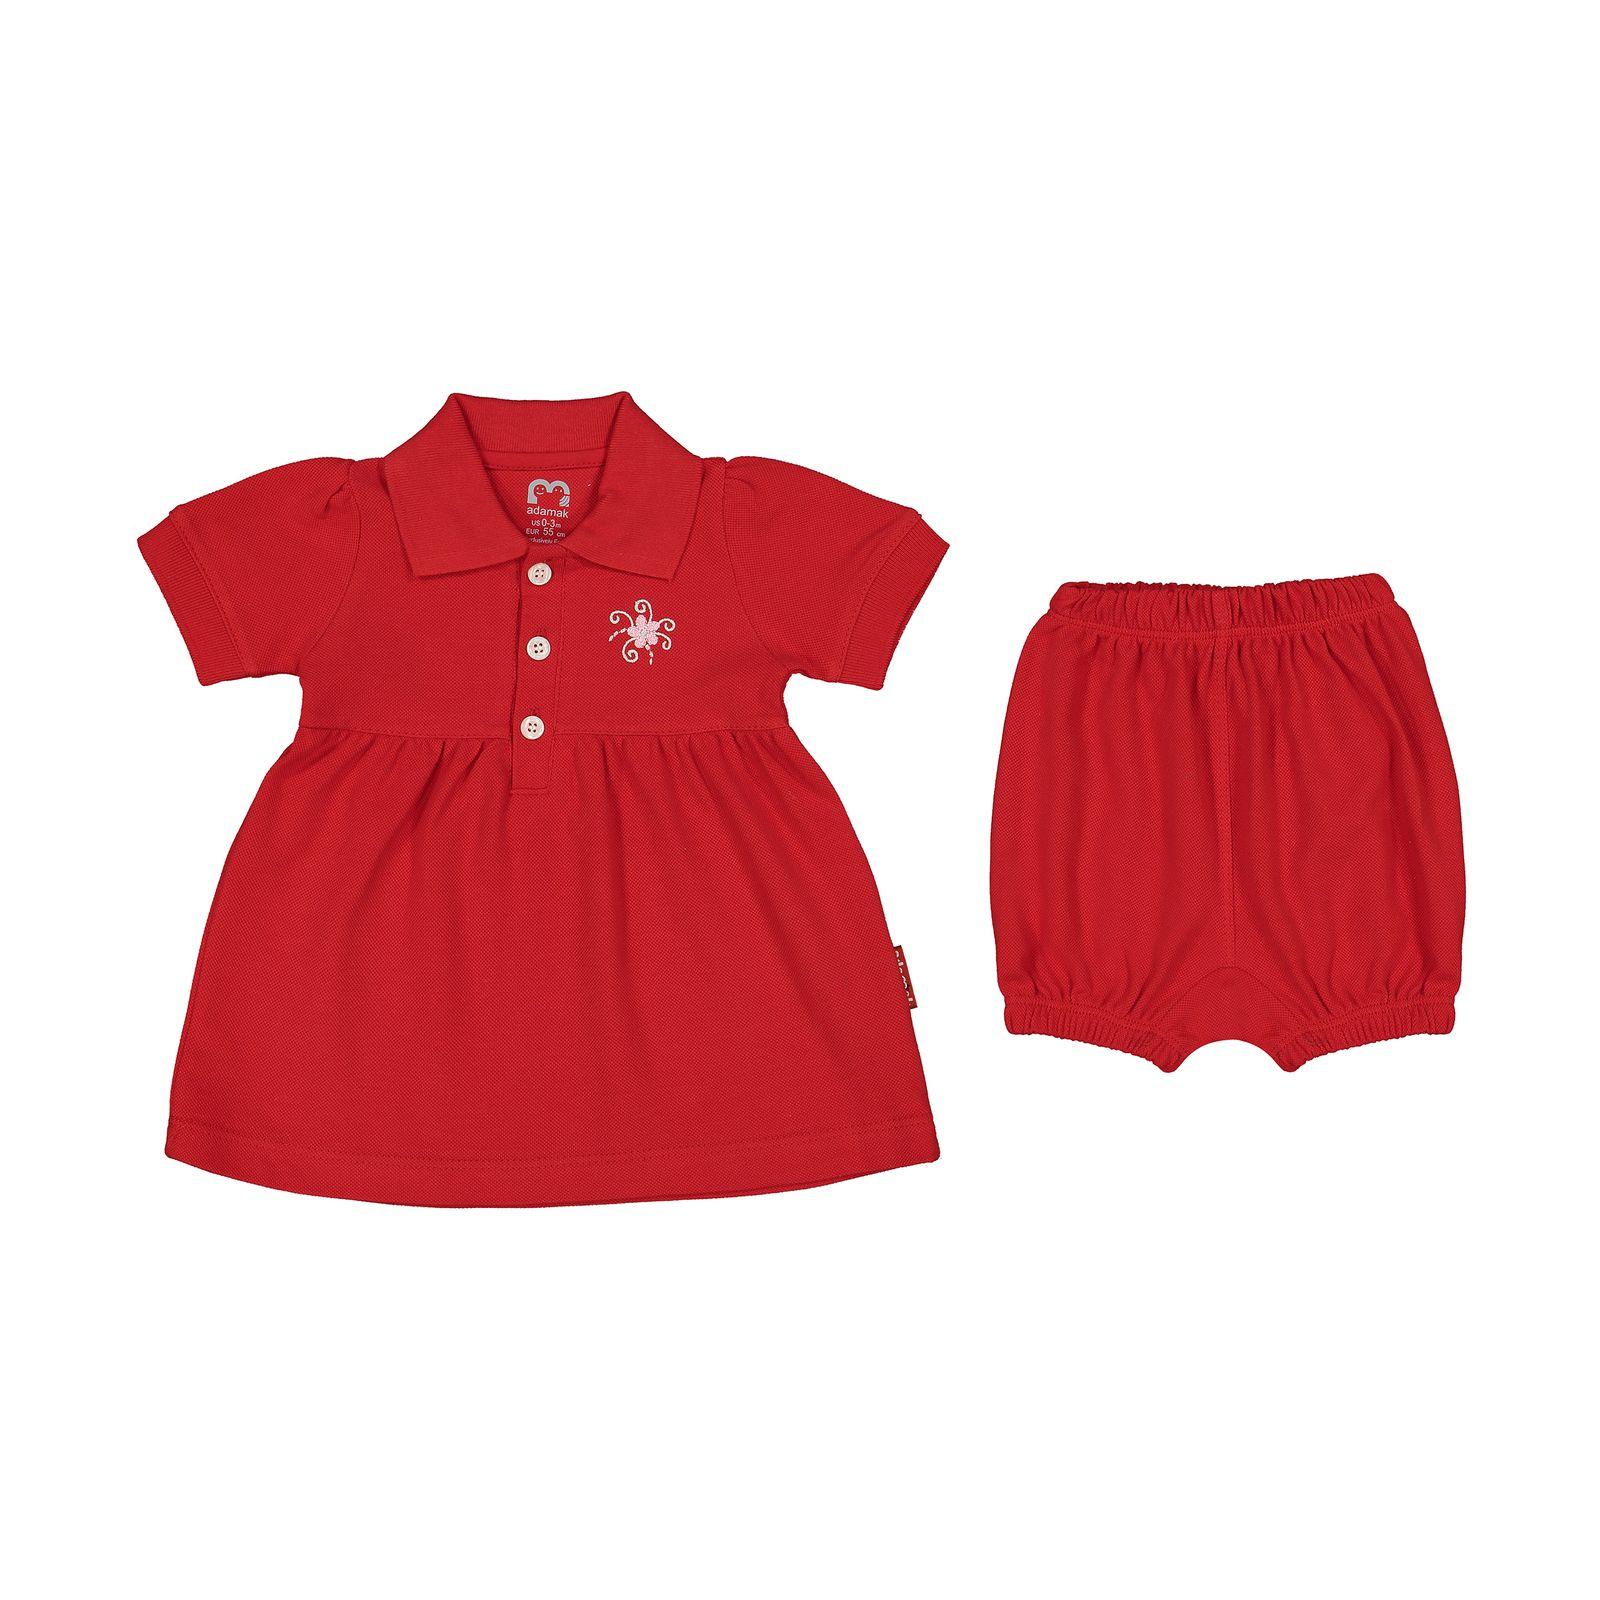 ست پیراهن و شلوارک نوزادی دخترانه آدمک مدل 2171109-72 -  - 2